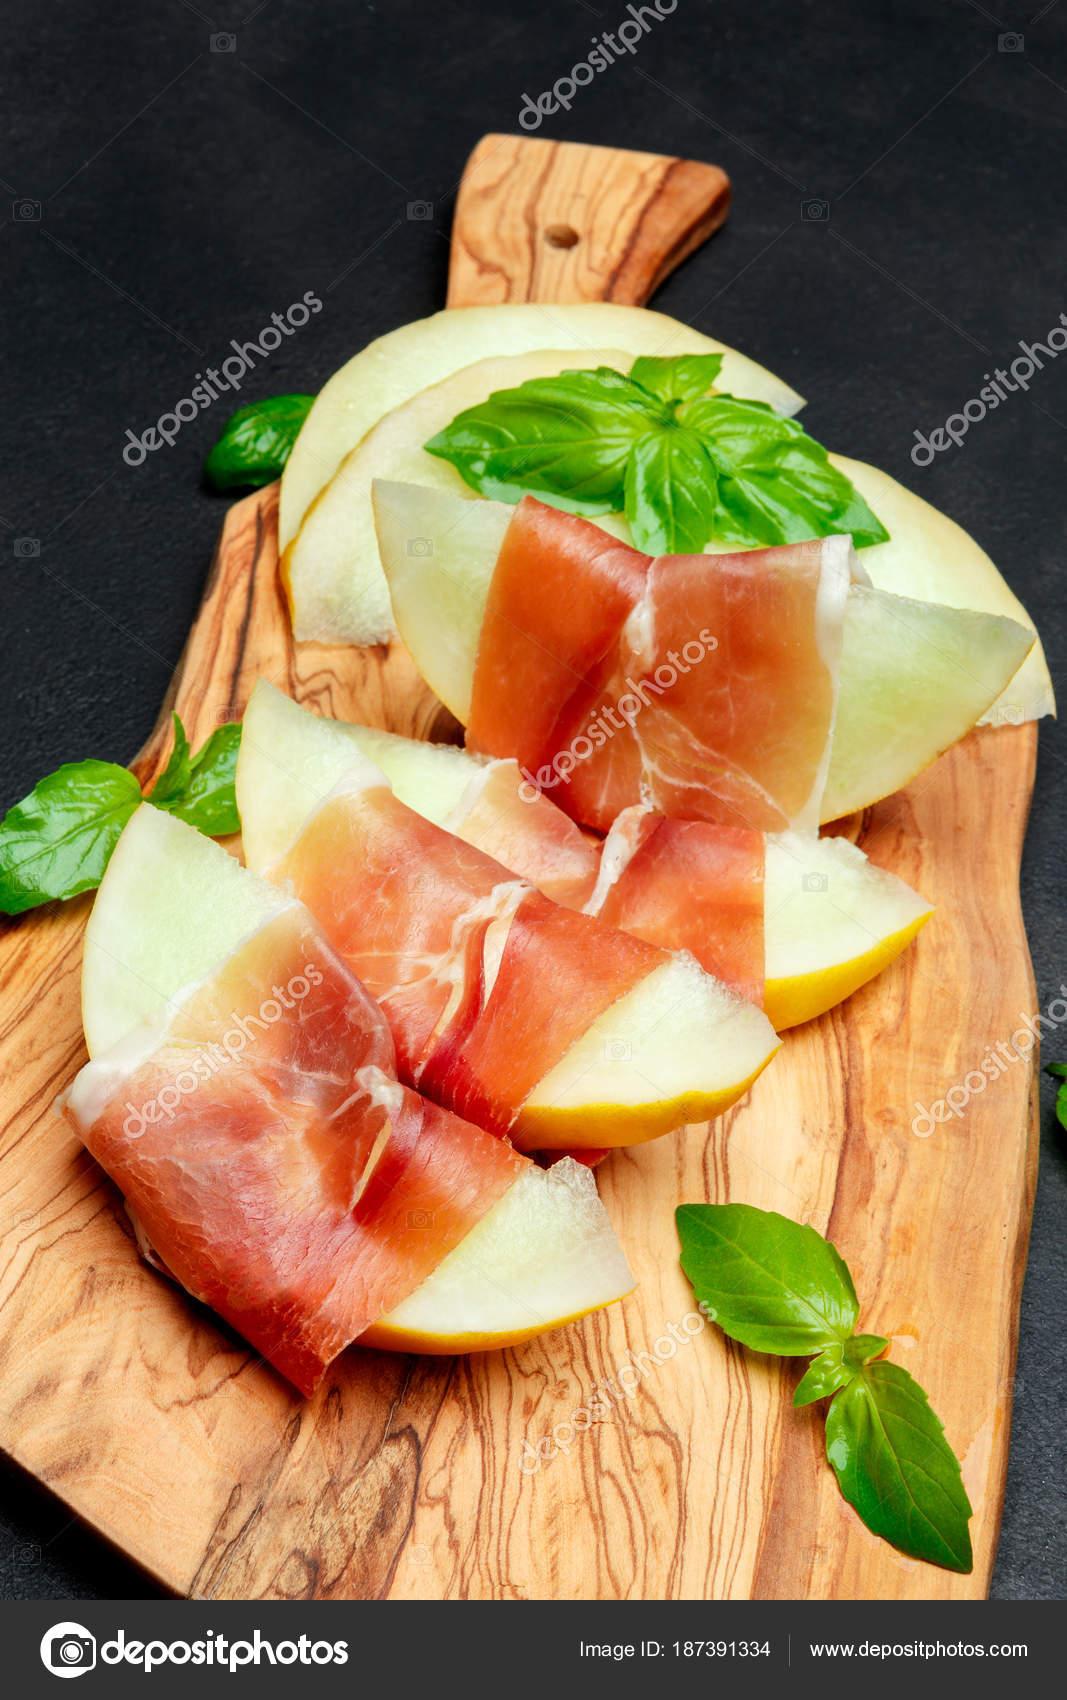 Cuisine Italienne Avec Melon Et Prosciutto Sur Planche A Decouper En